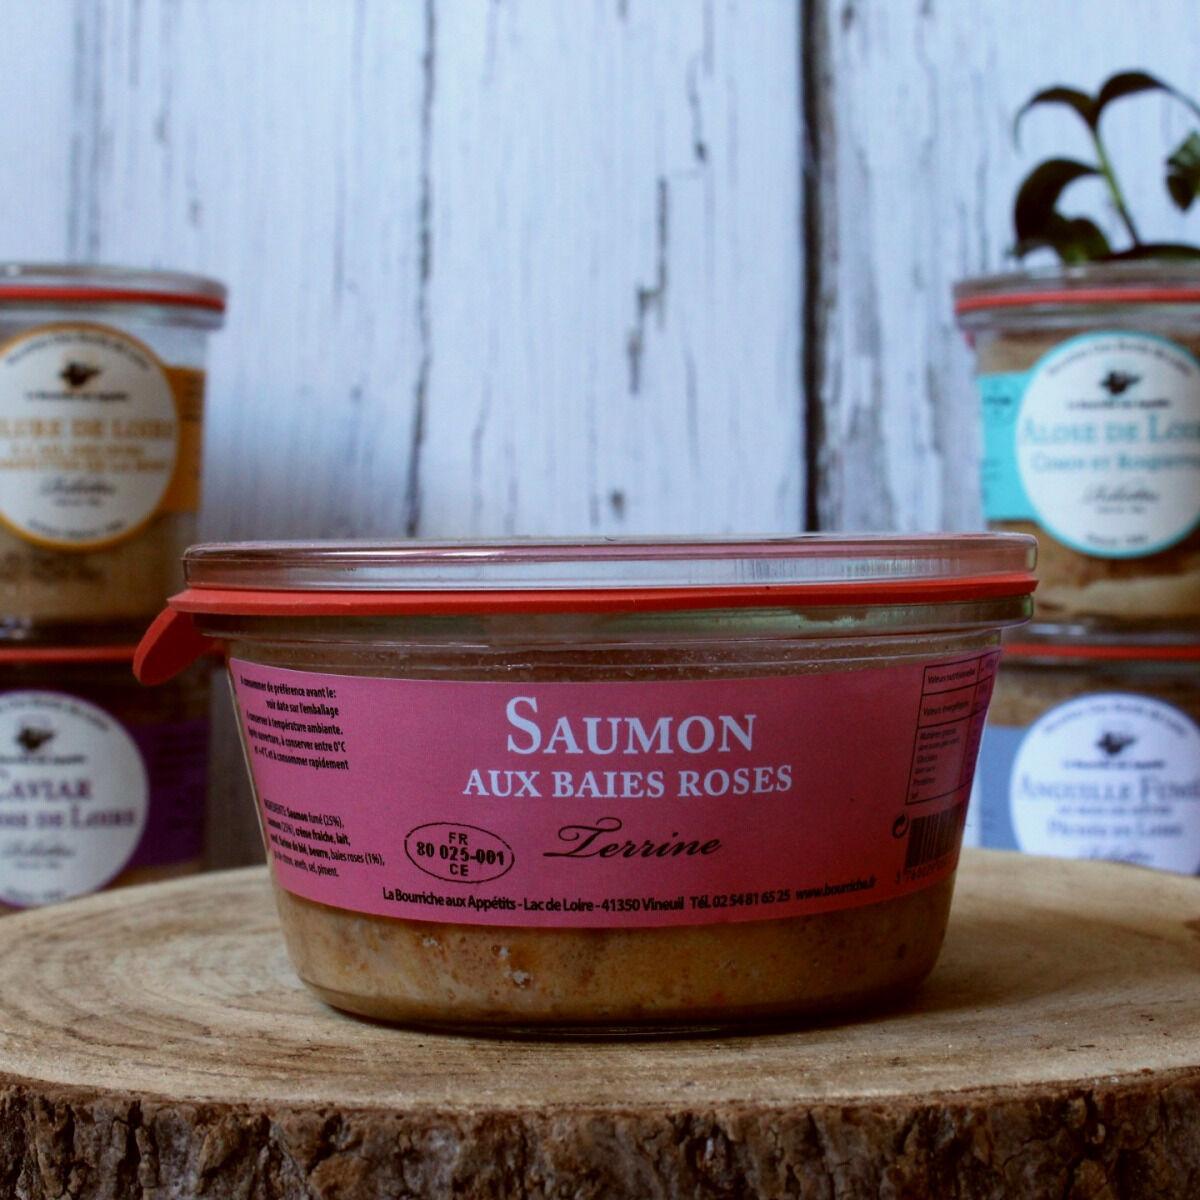 La Bourriche aux Appétits Terrine de Saumon aux Baies Roses